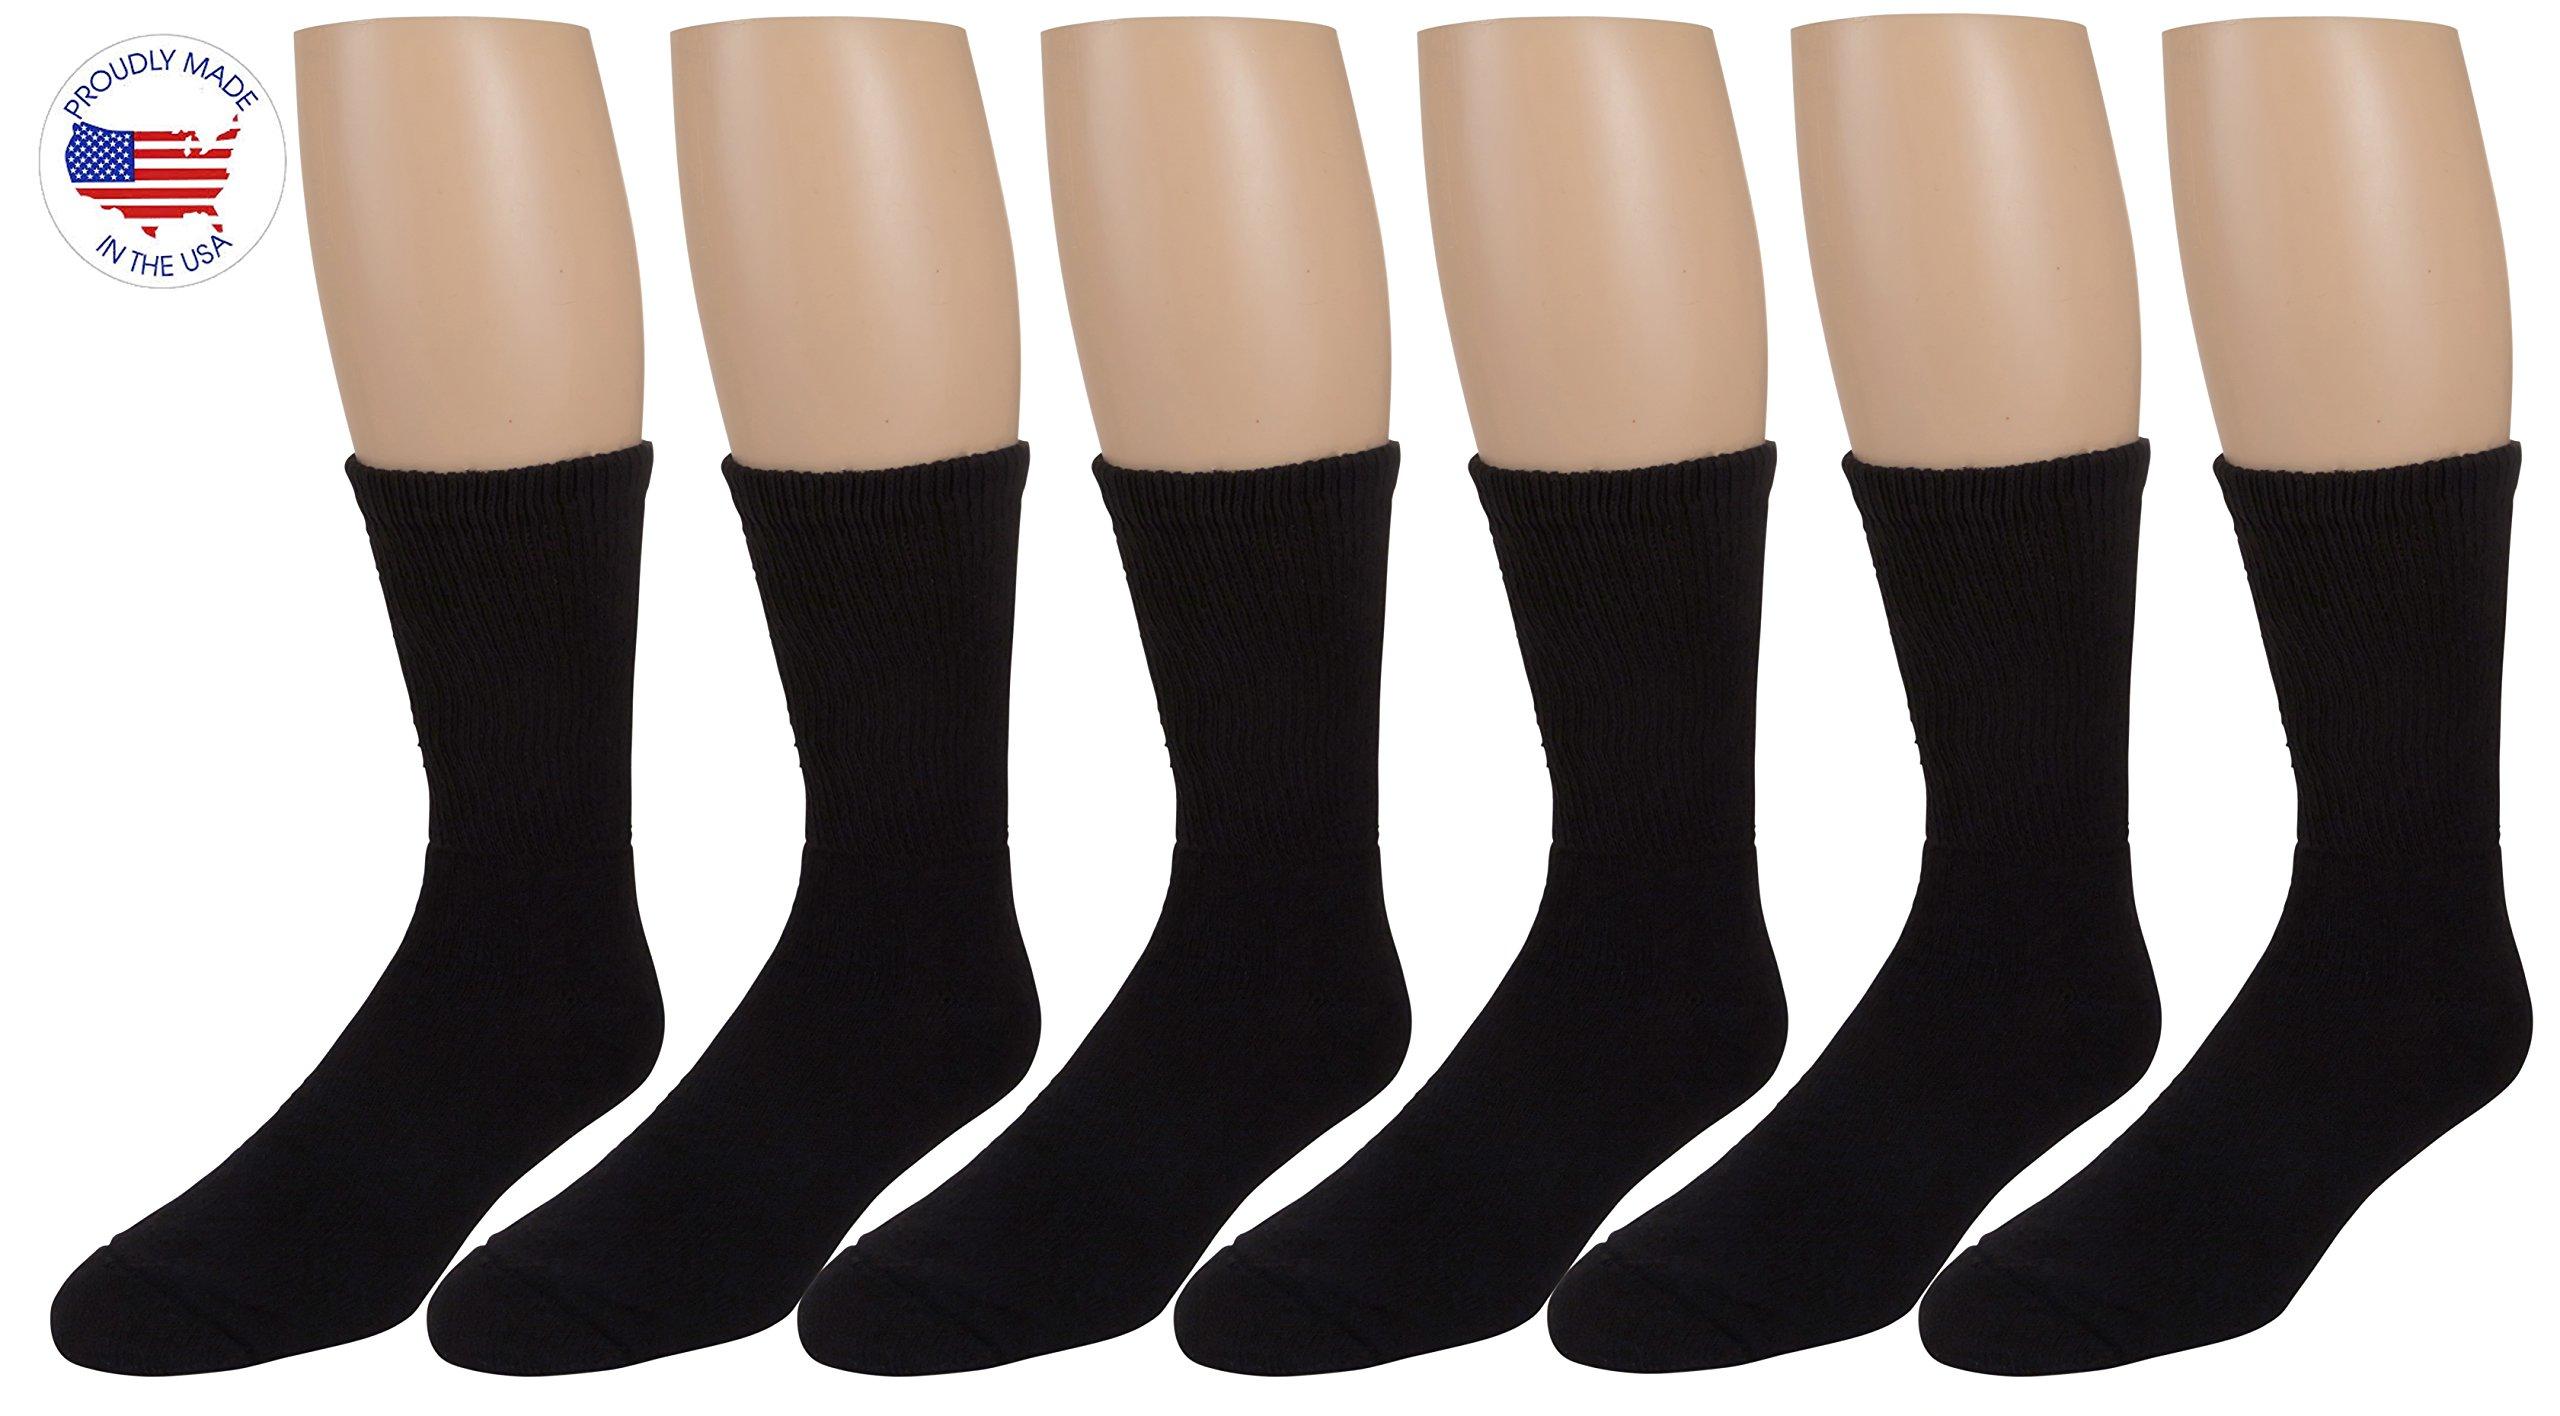 Men's Diabetic Socks, Loose Crew Fit For Better Circulation -6 or 12 Pack -Zeke (10-13, Black 6 Pack)